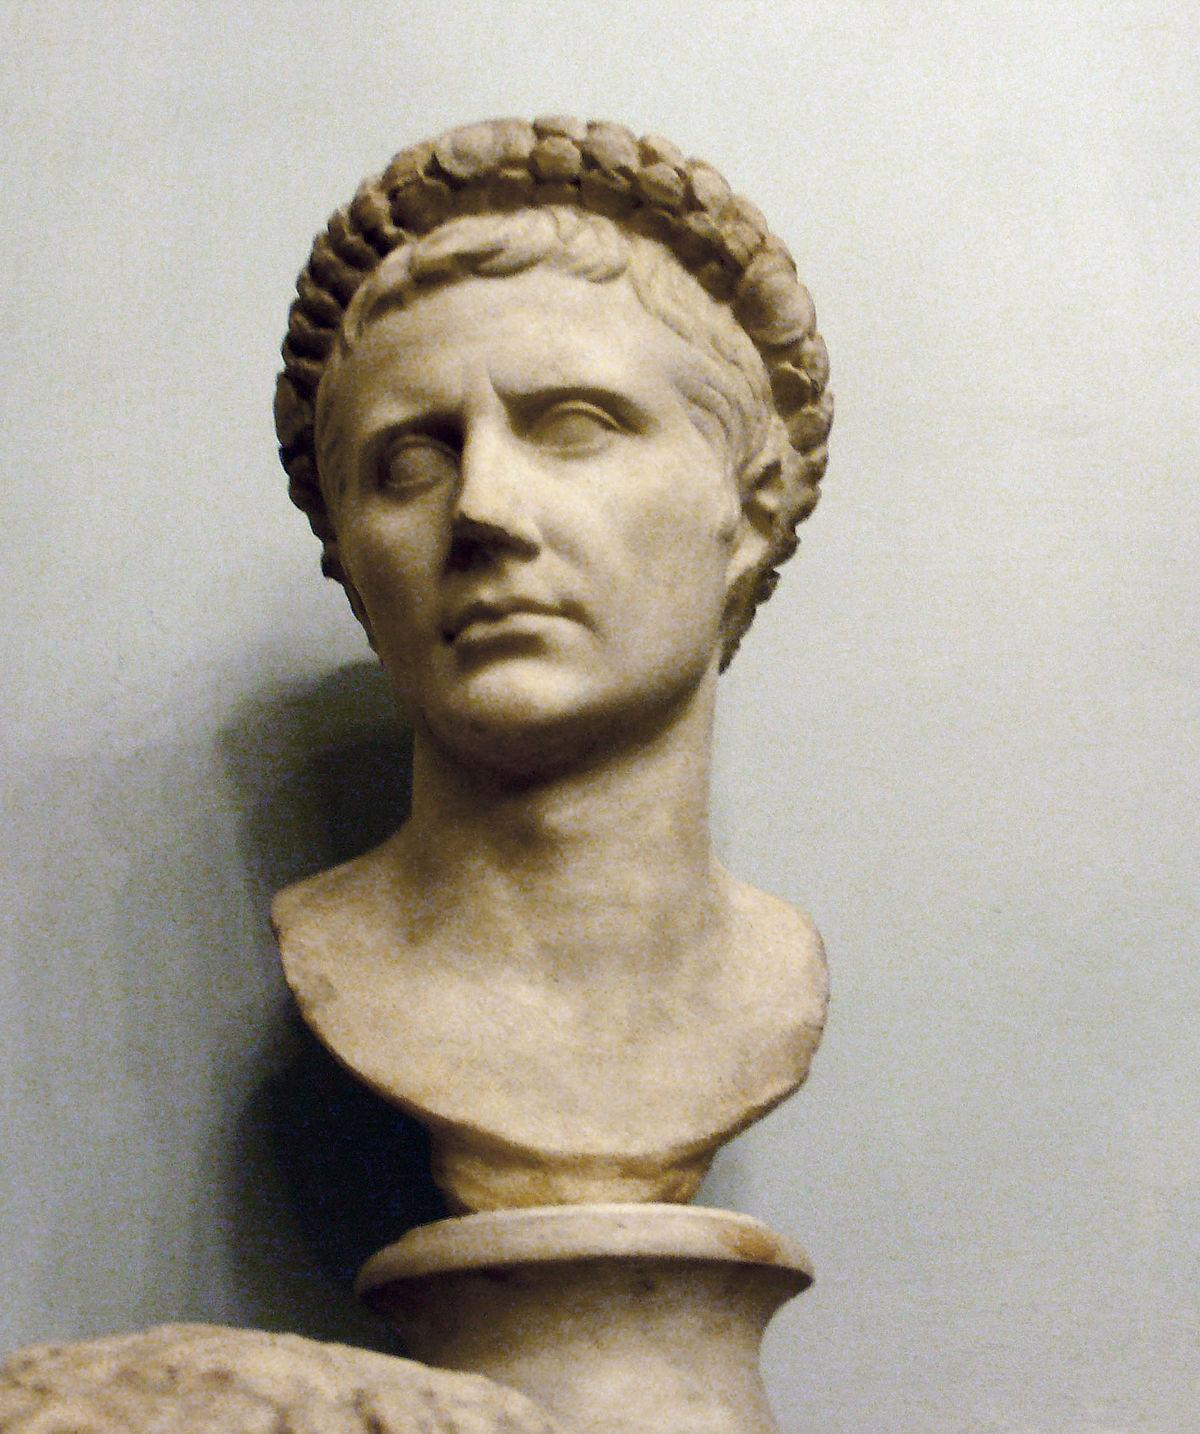 Emperador romano - Wikipedia, la enciclopedia libre